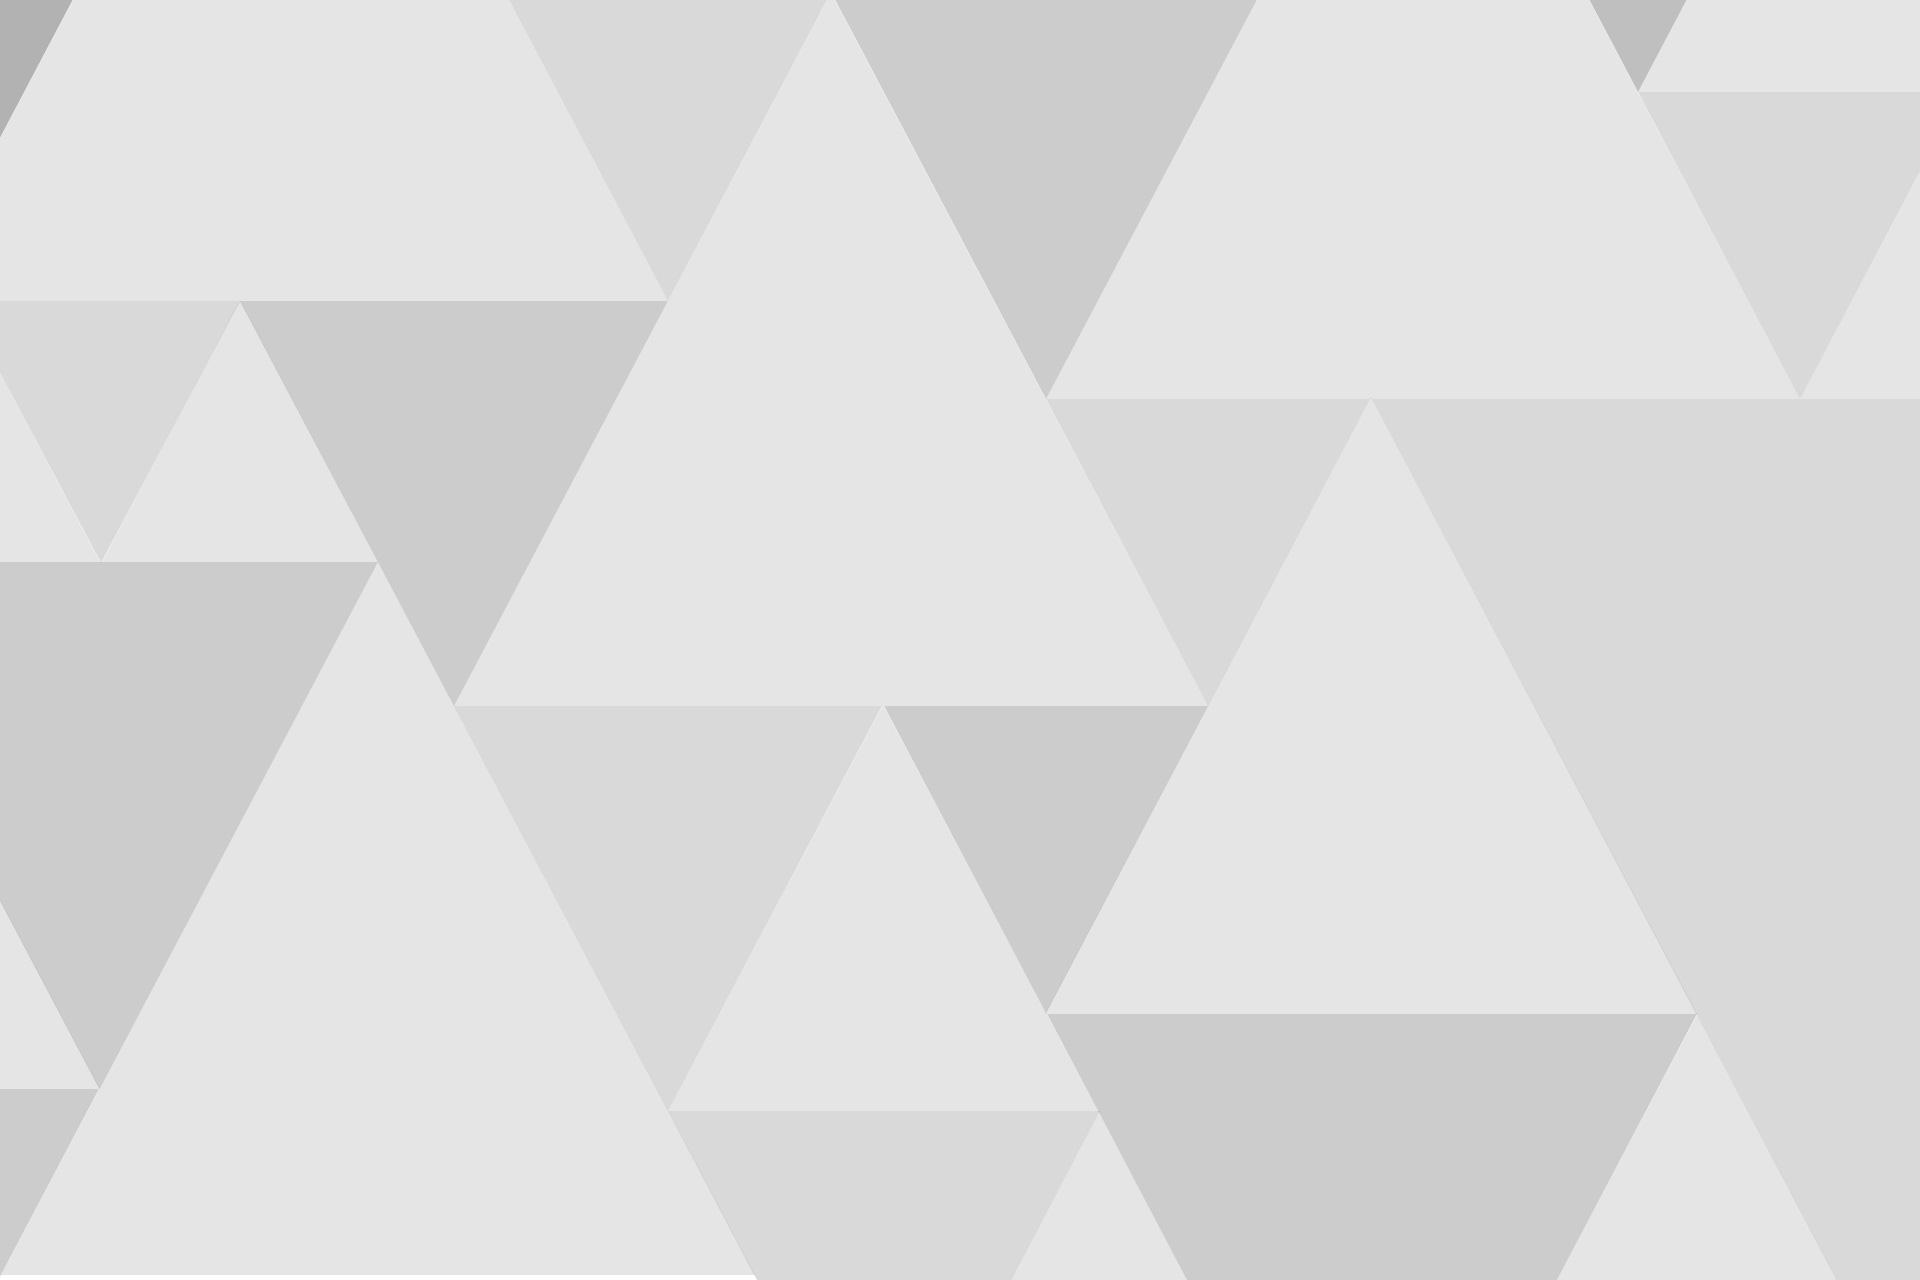 ഡാനിയേൽ തോമസ്(74 ) ഡാളസിൽ വെച്ച് നിത്യതയില് ചേർക്കപ്പെട്ടു